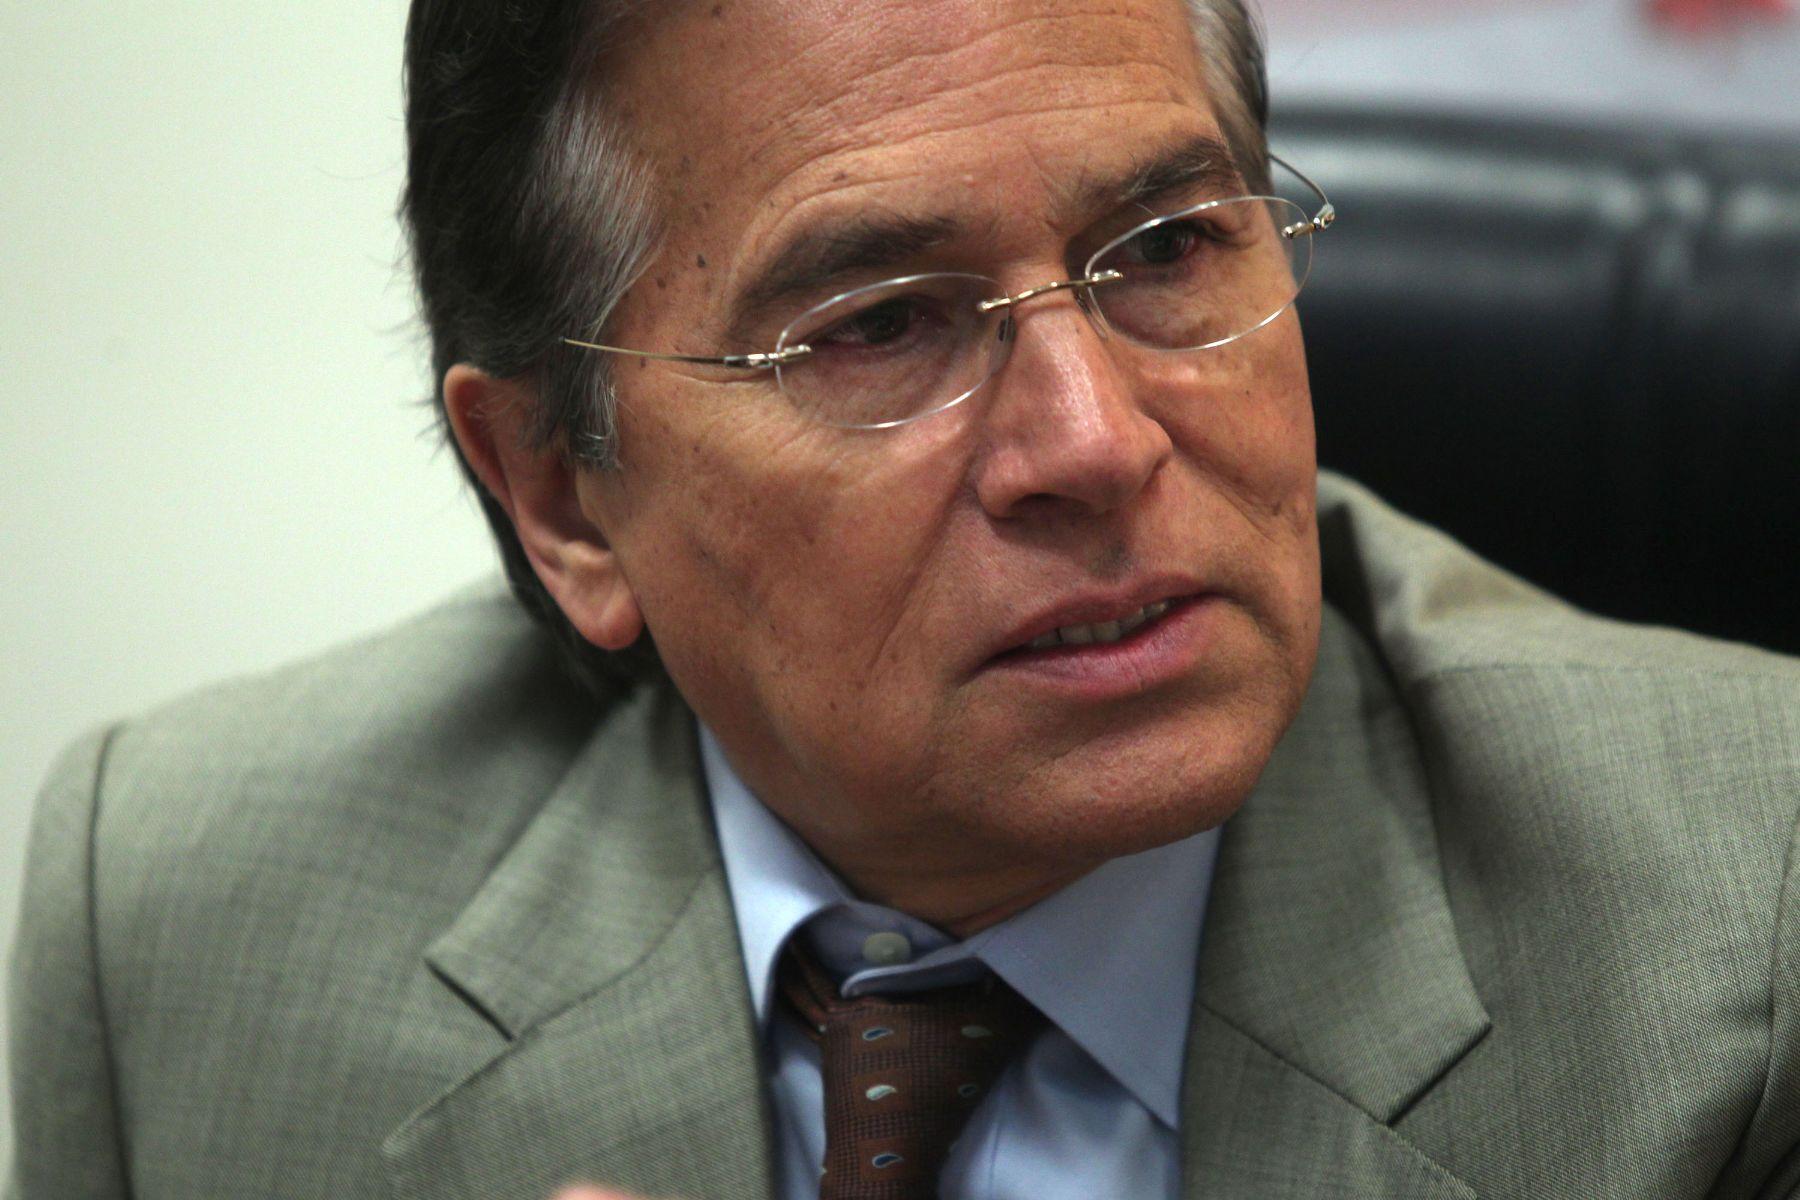 Vladimiro Huaroc, jefe de la Oficina de Dialogo y Sostenibilidad de la PCM. Foto: ANDINA/Archivo.